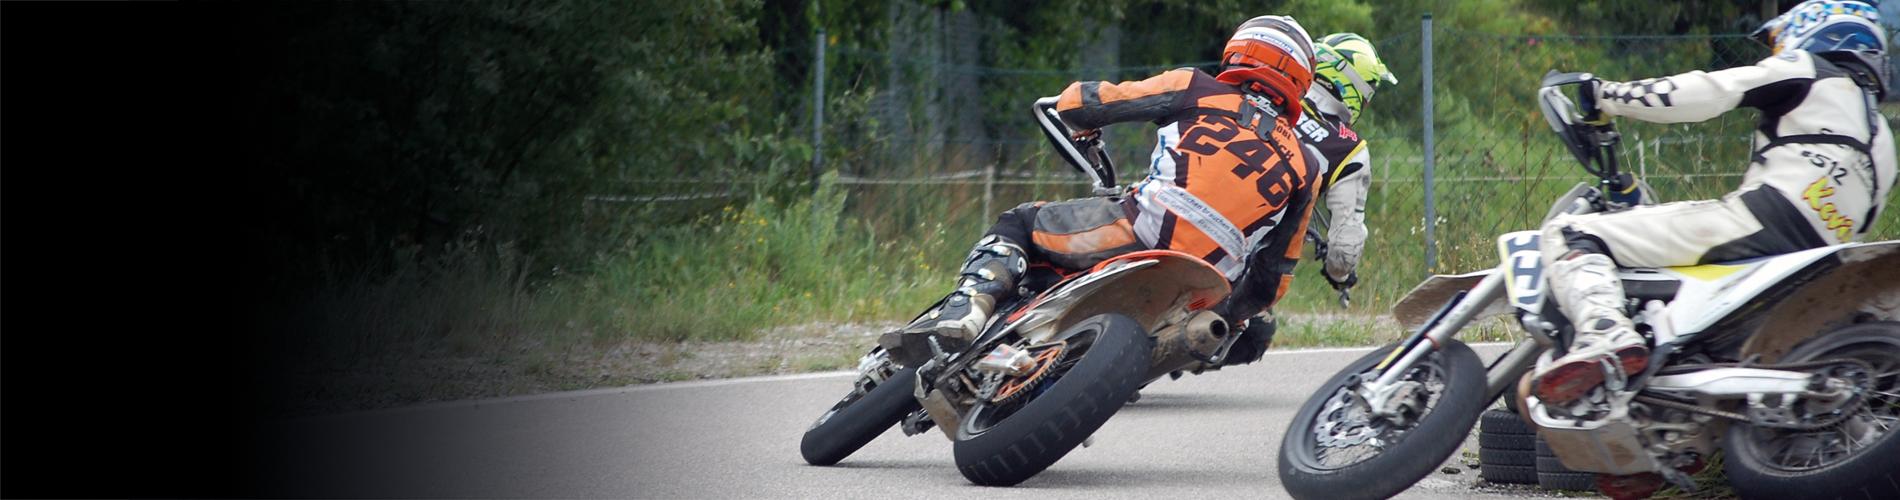 Fahrwelt Events für PKW und Motorrad